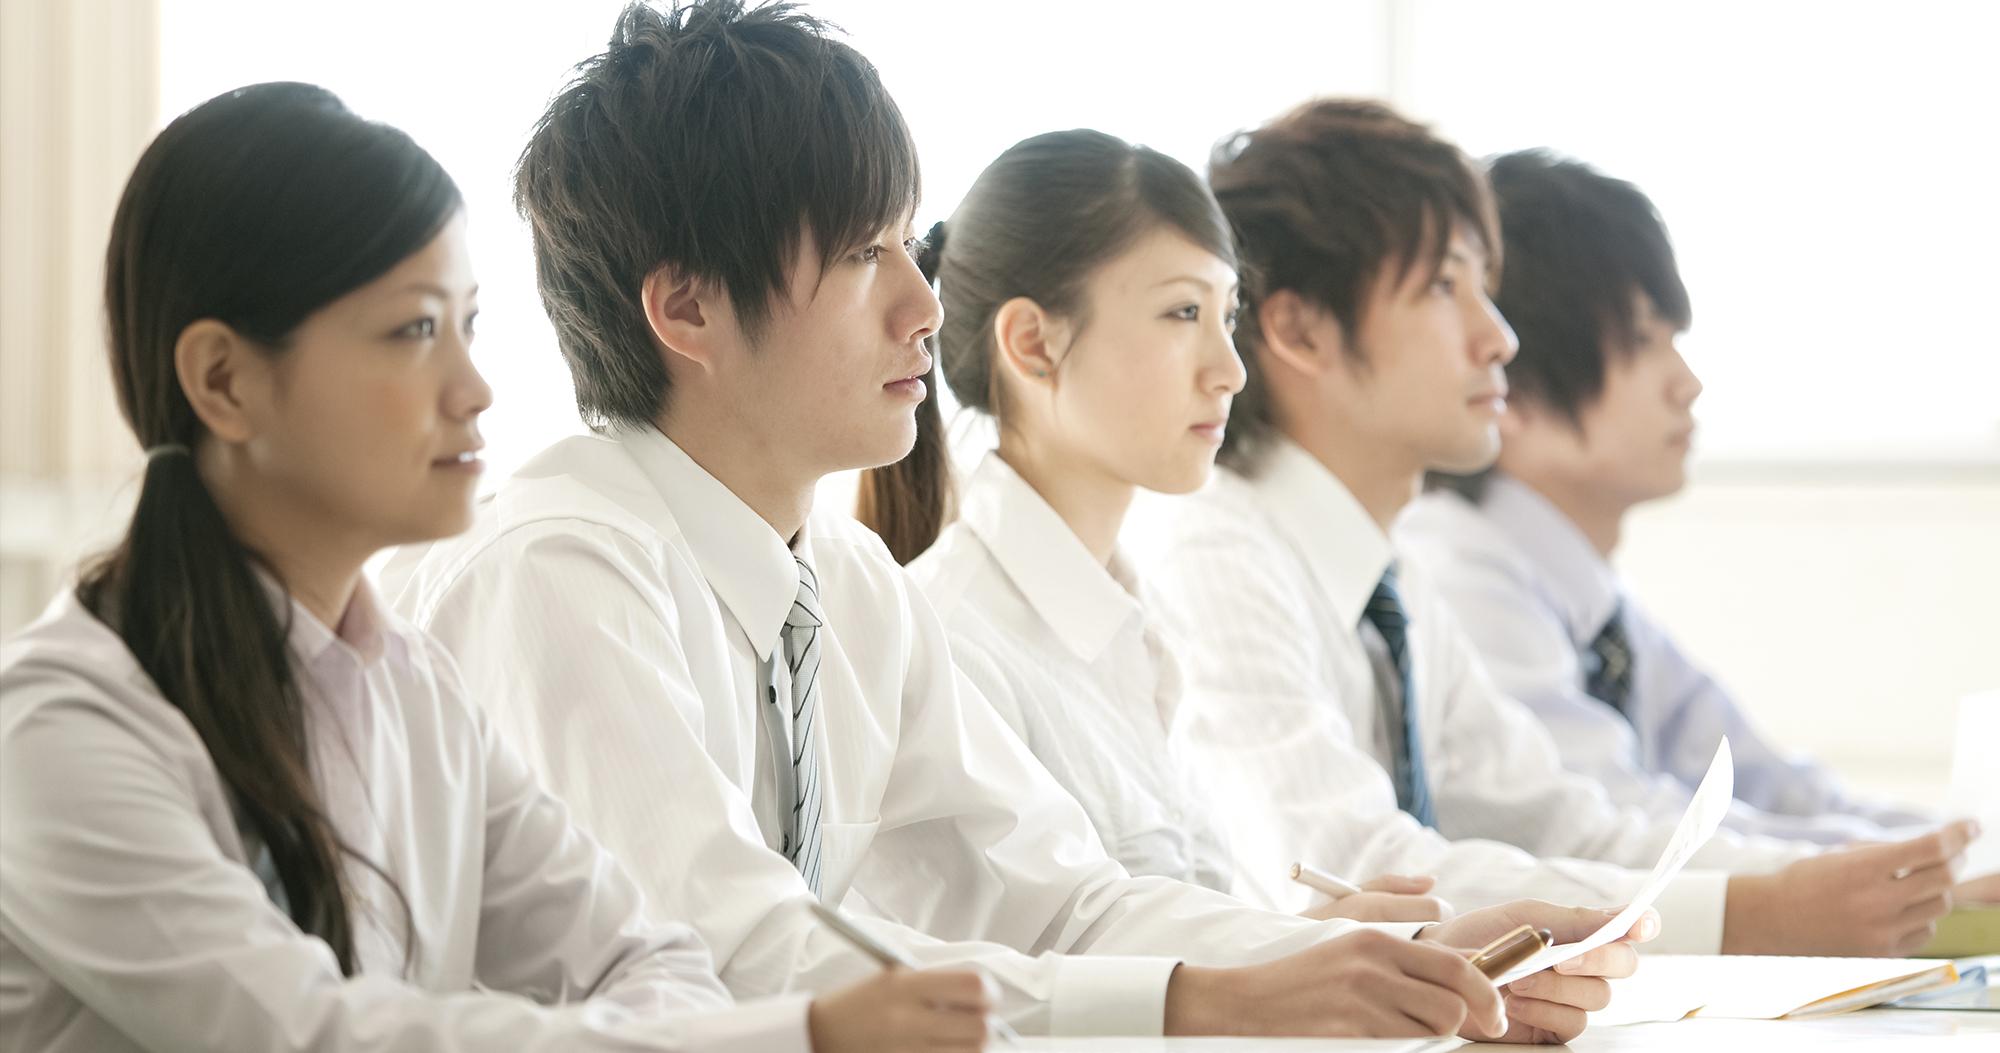 新入社員研修のために準備すべき項目と押さえるべきポイント